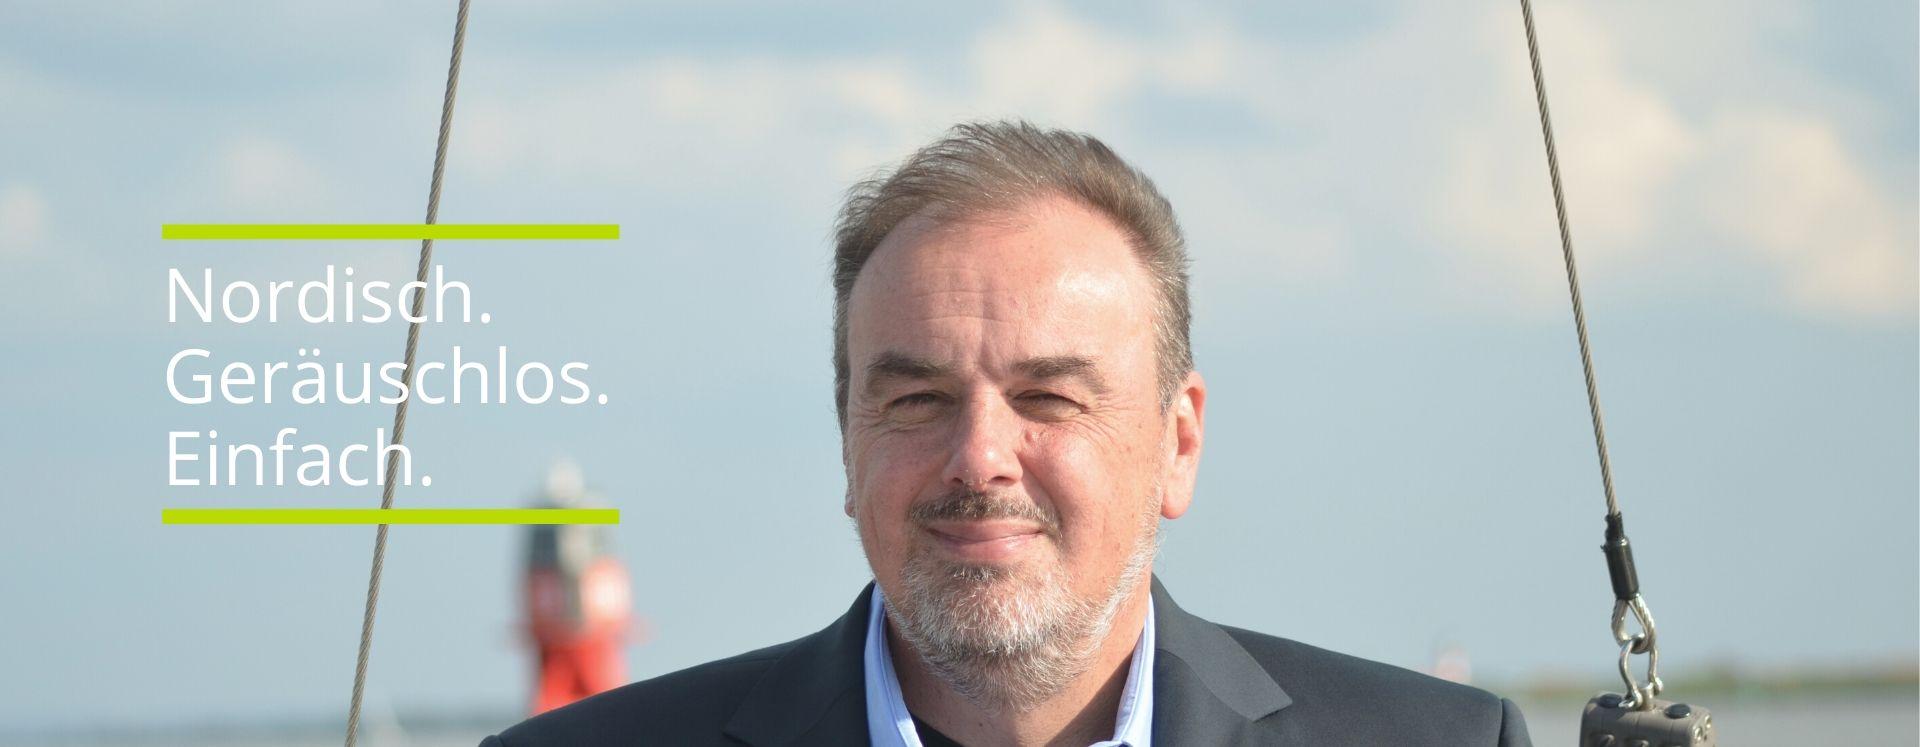 Geschäftsführender Gesellschafter Andres Ehlers